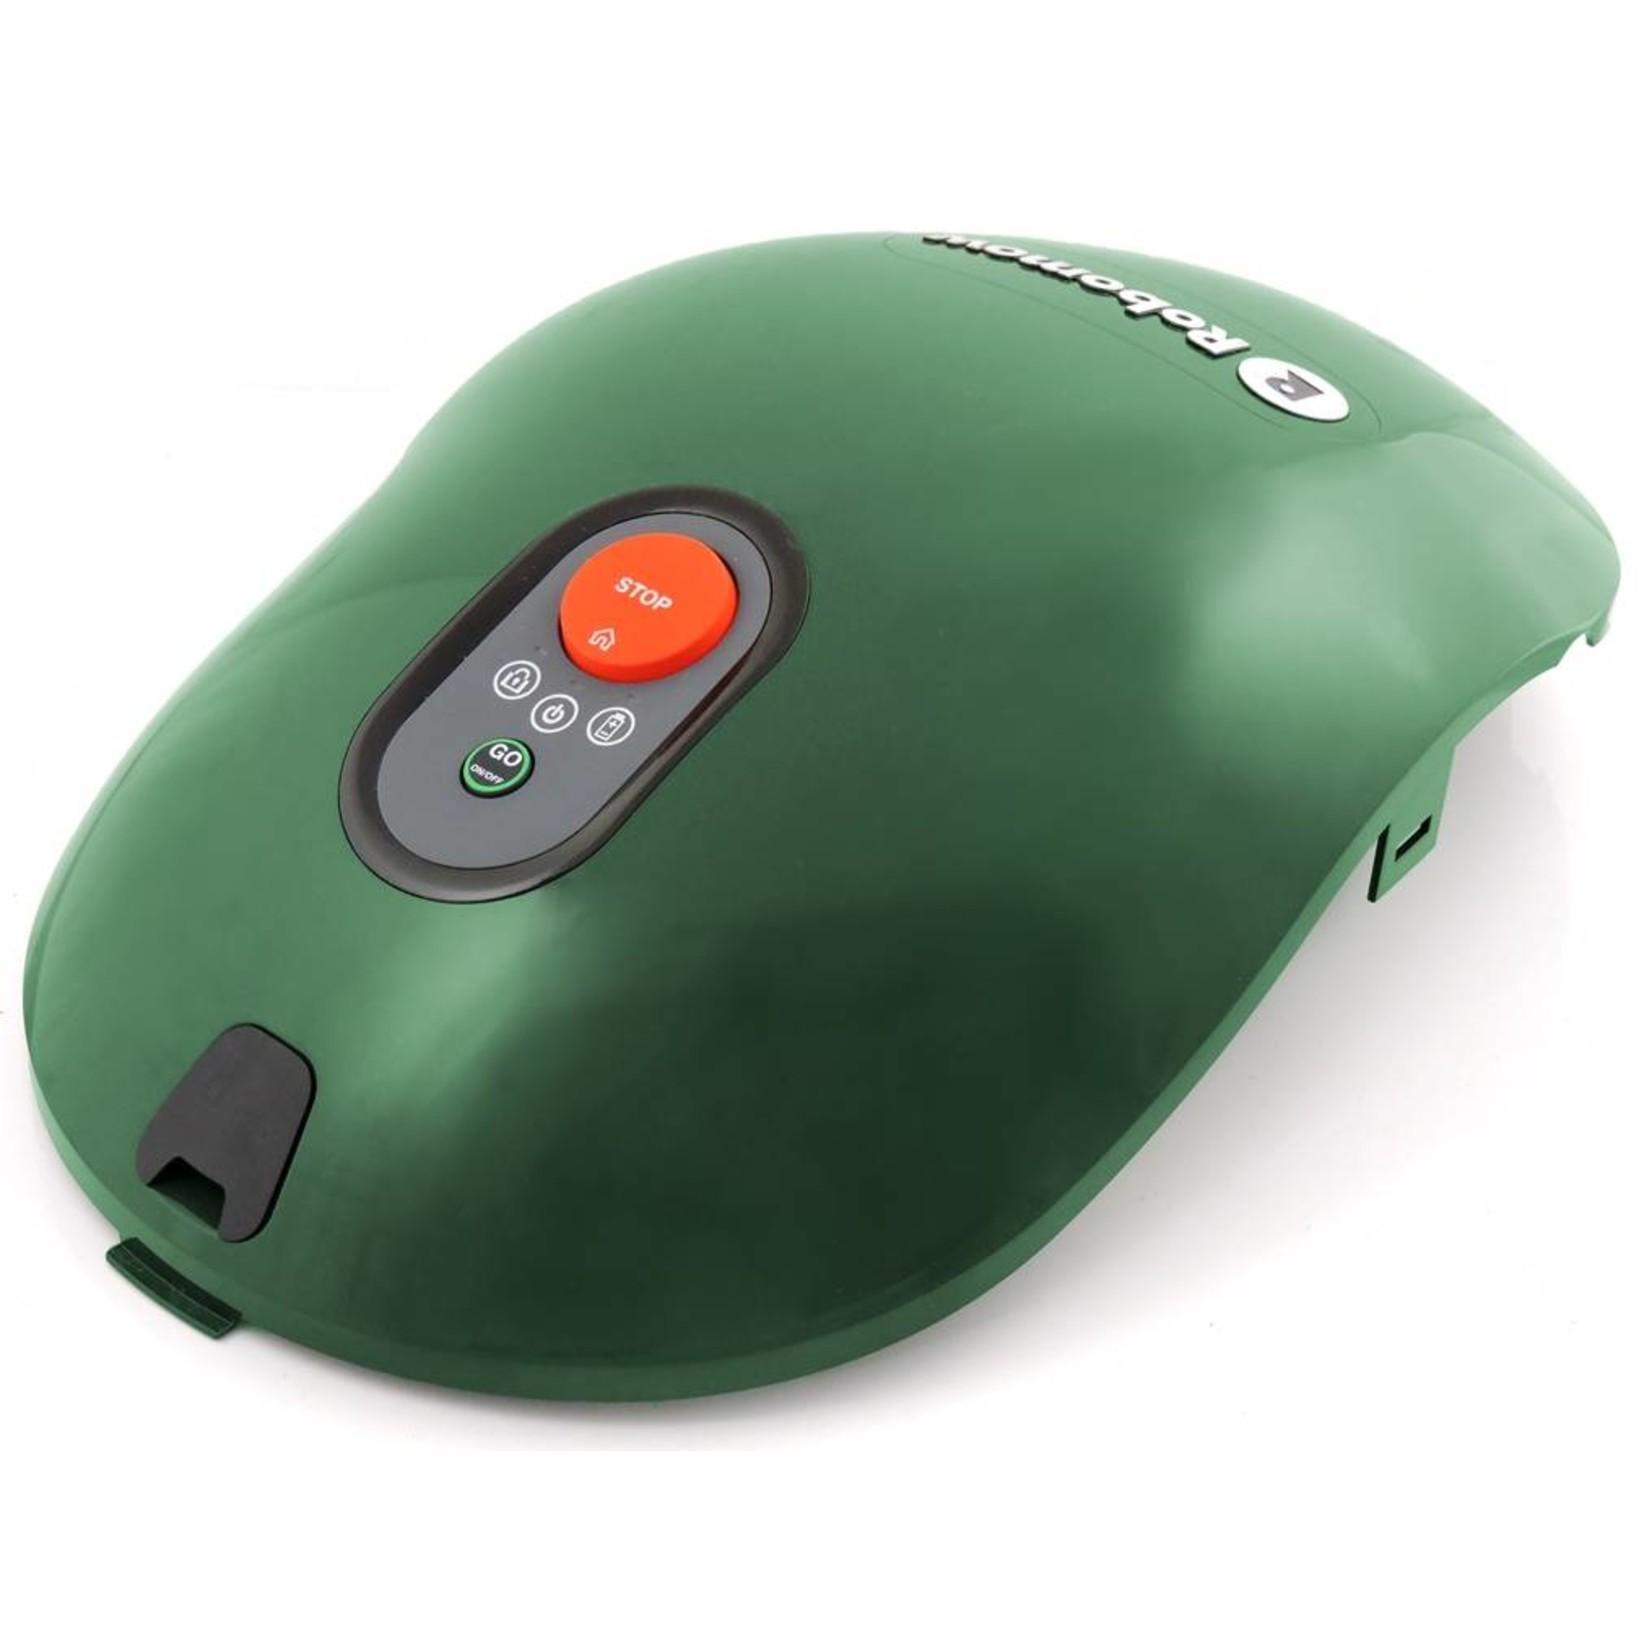 Robomow Robomow Abdeckung/Haube grün für RX-Modelle SMSB9001G